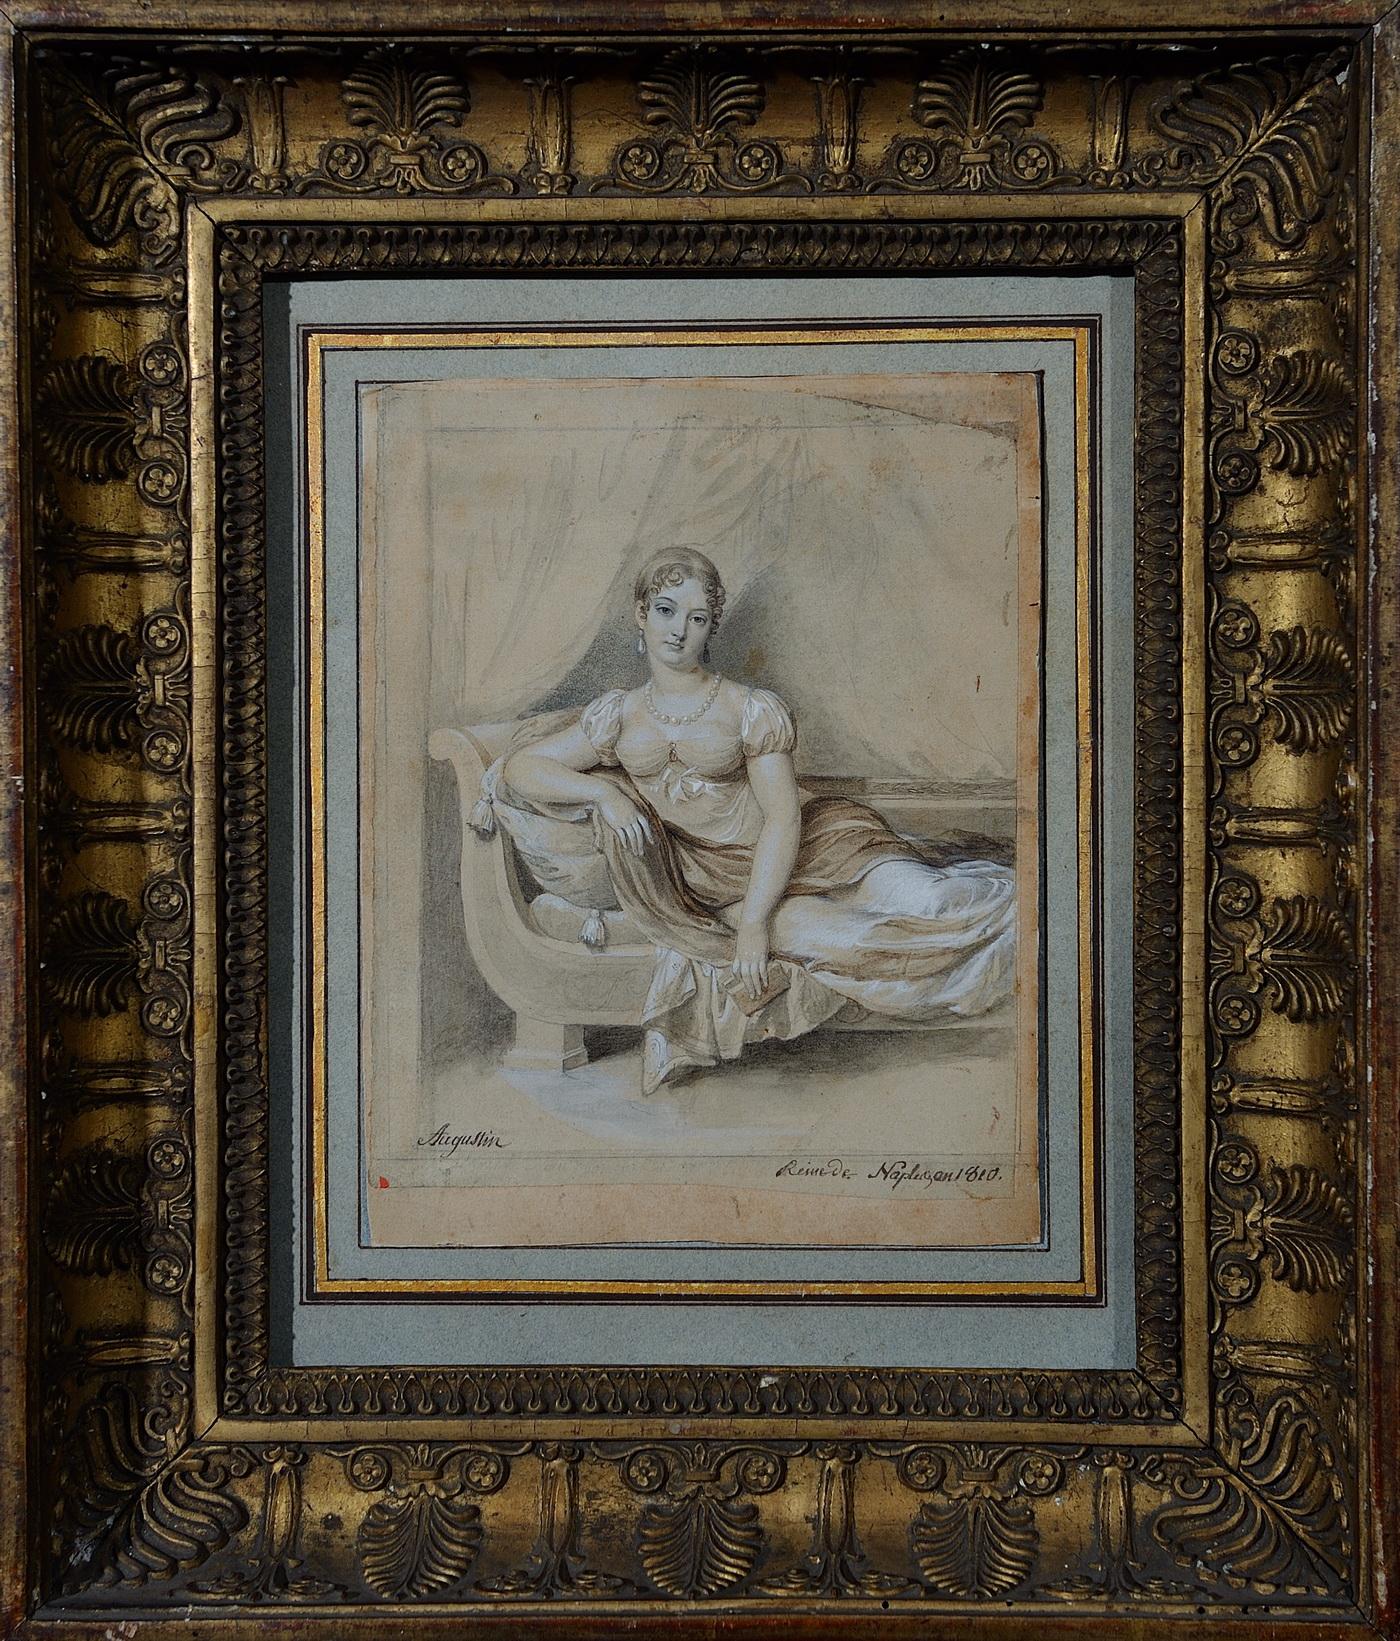 Dessin de la Reine Caroline Murat par Augustin - Patrimoine Charles-André COLONNA WALEWSKI, en ligne directe de Napoléon